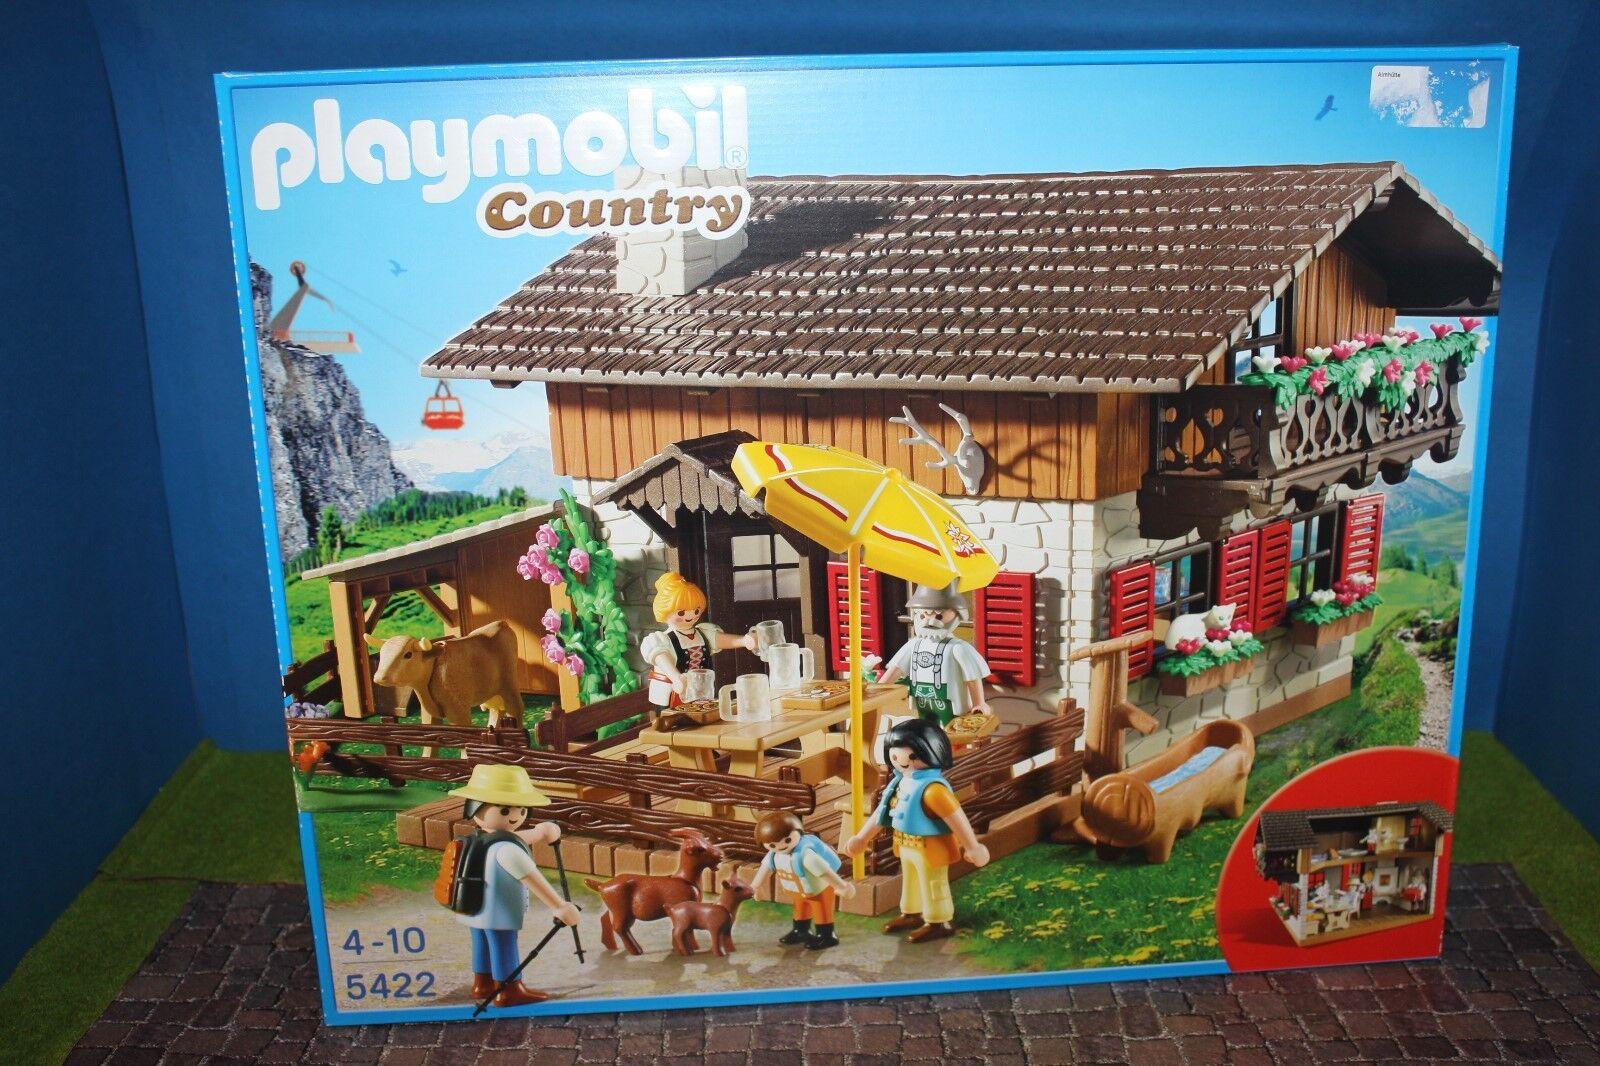 PLAYMOBIL  Country Almhütte 5422  Neu   OVP MISB